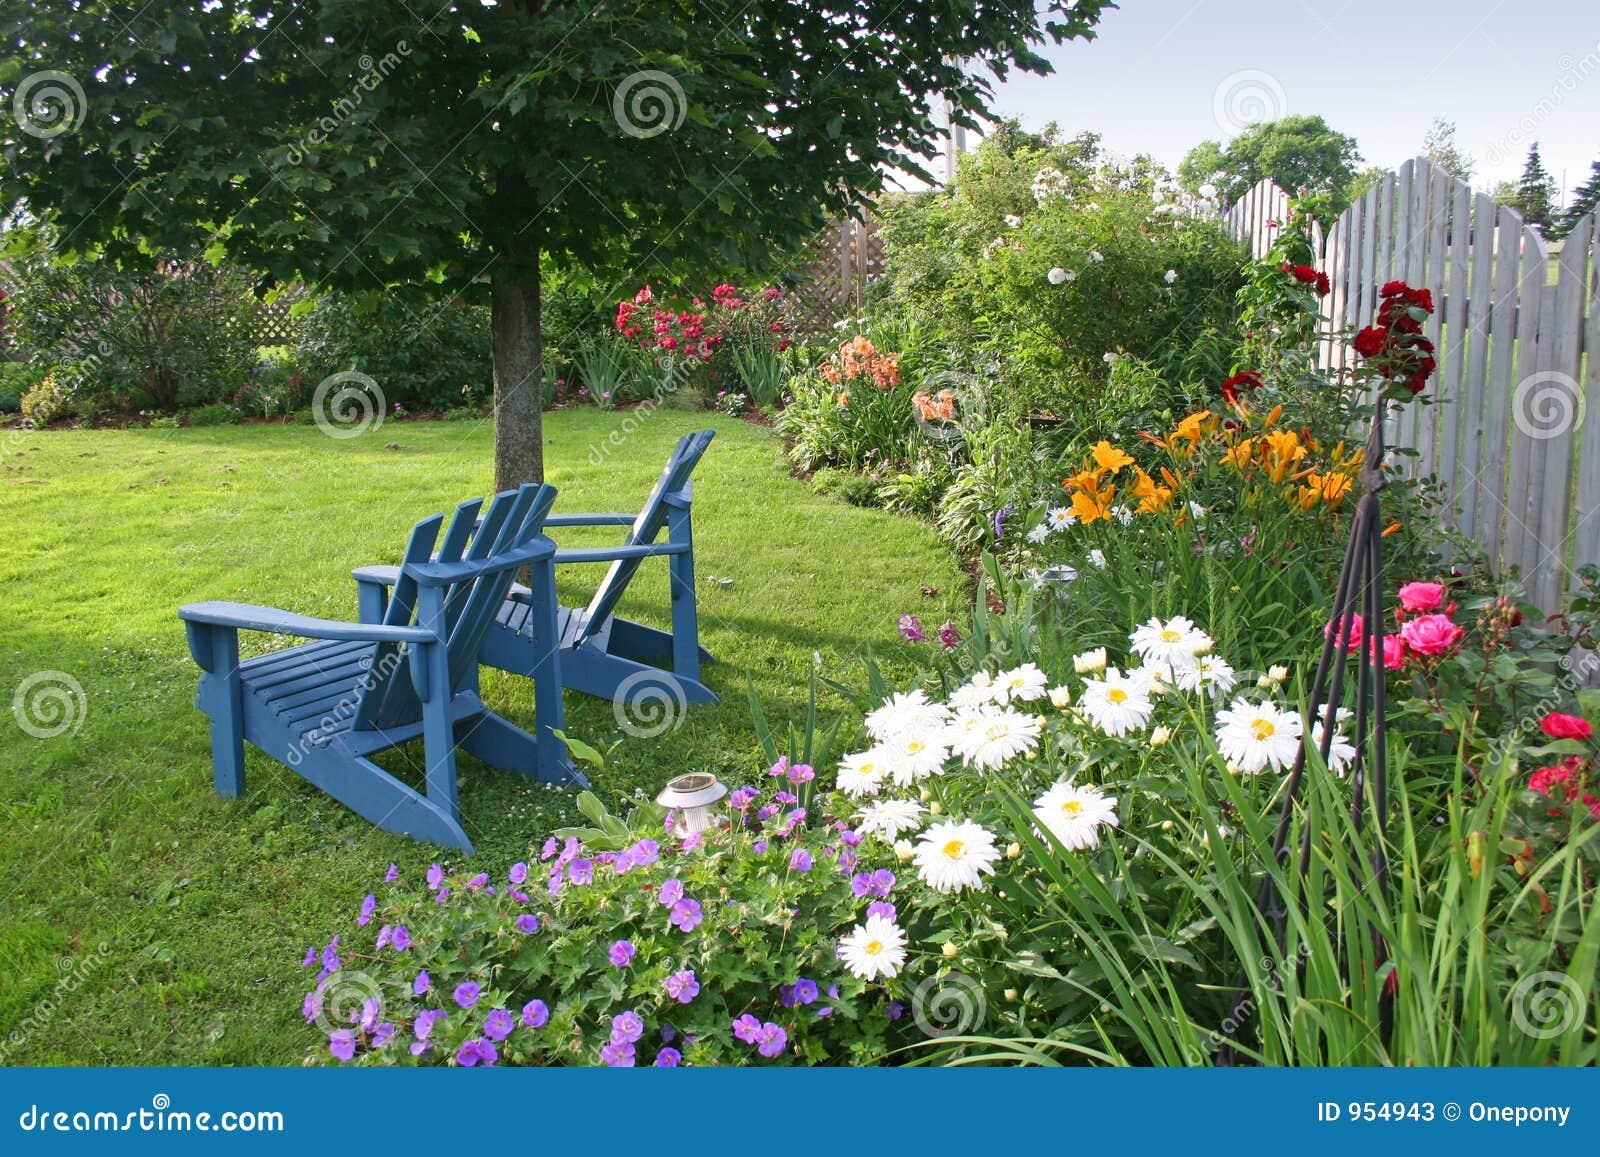 jardim quintal plantas:Jardim do quintal com as duas cadeiras de gramado.